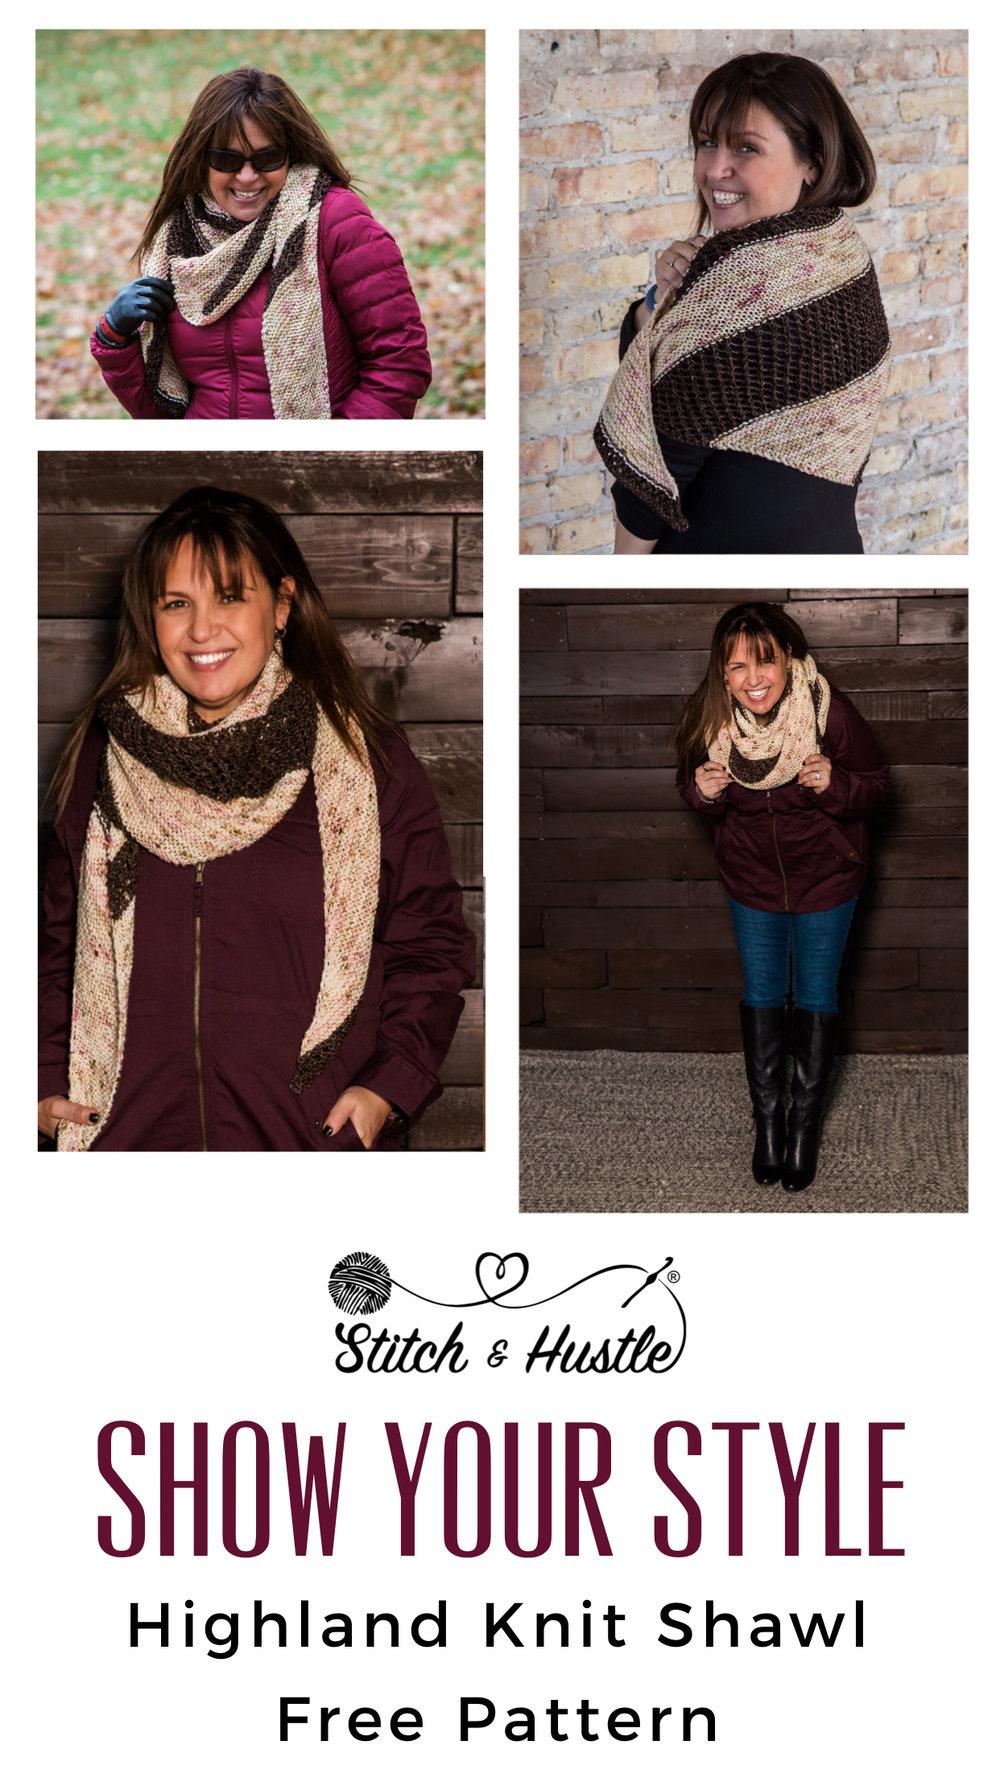 Highland_Knit_Lace_Shawl_Free_Knitting_Pattern_1.jpg